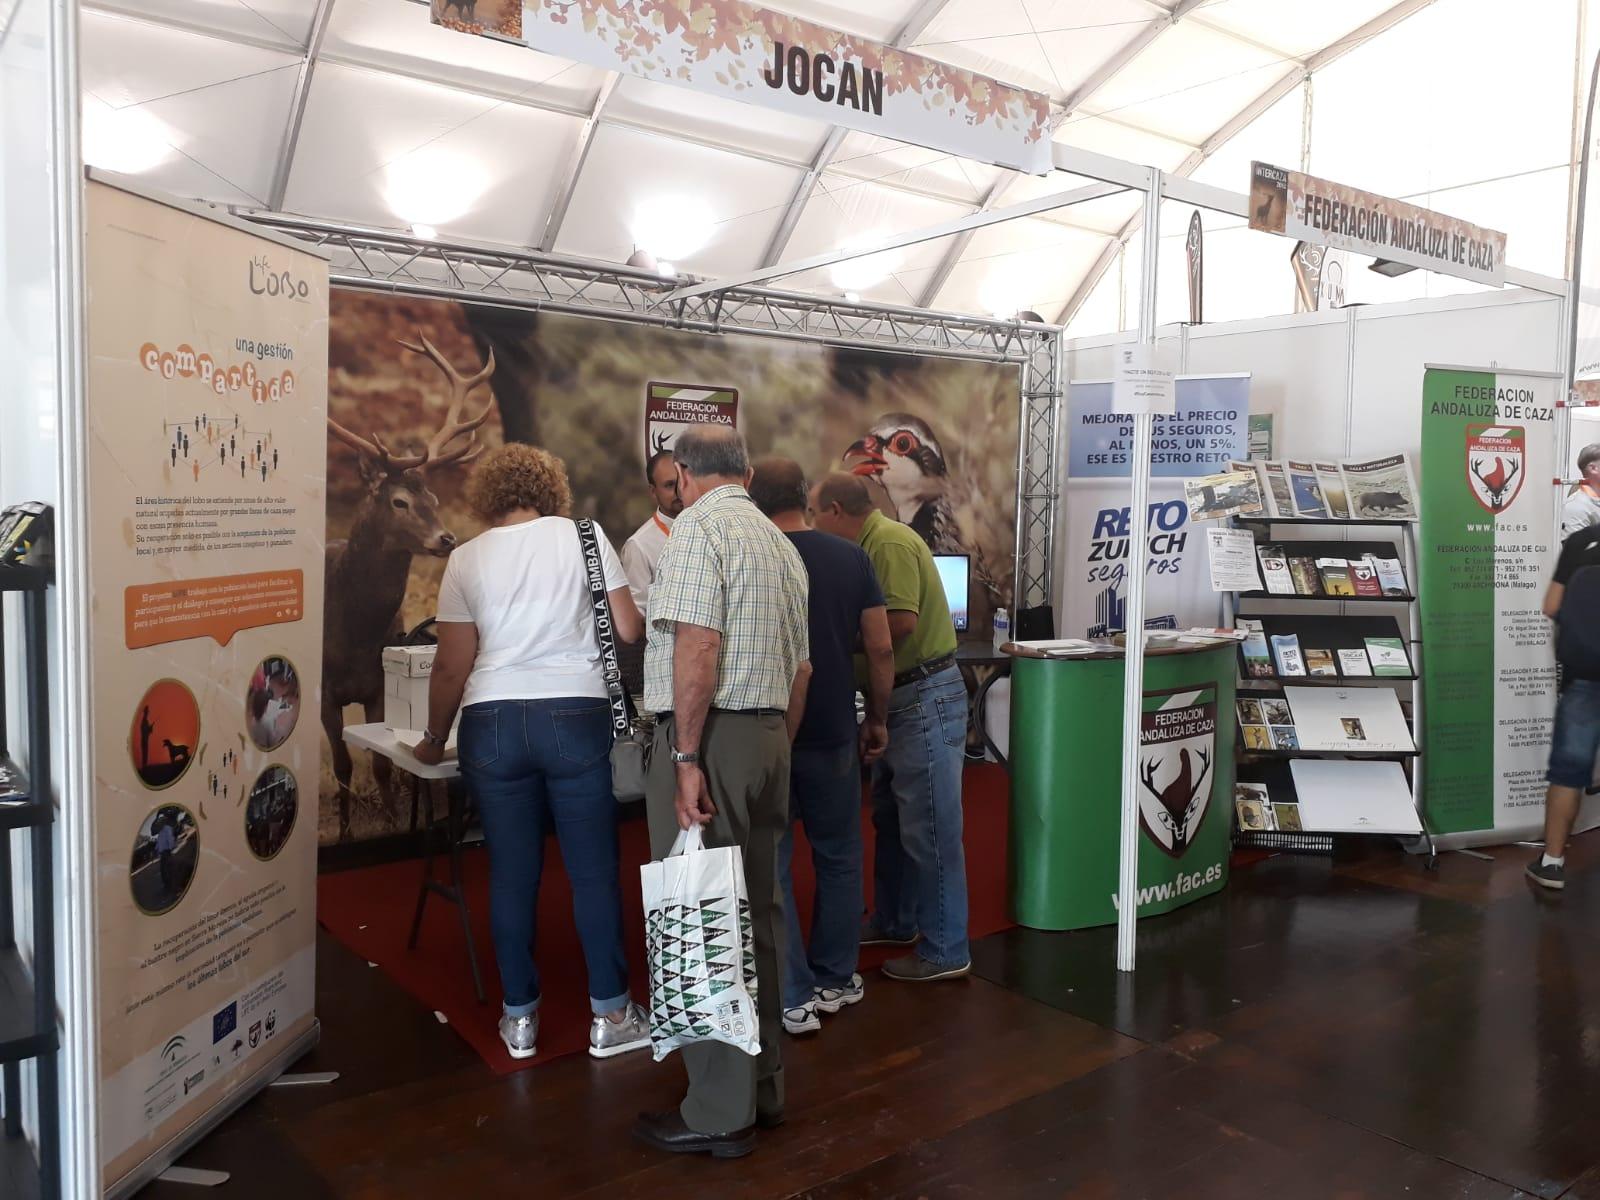 Life Lobo en la Feria Intercaza 2018